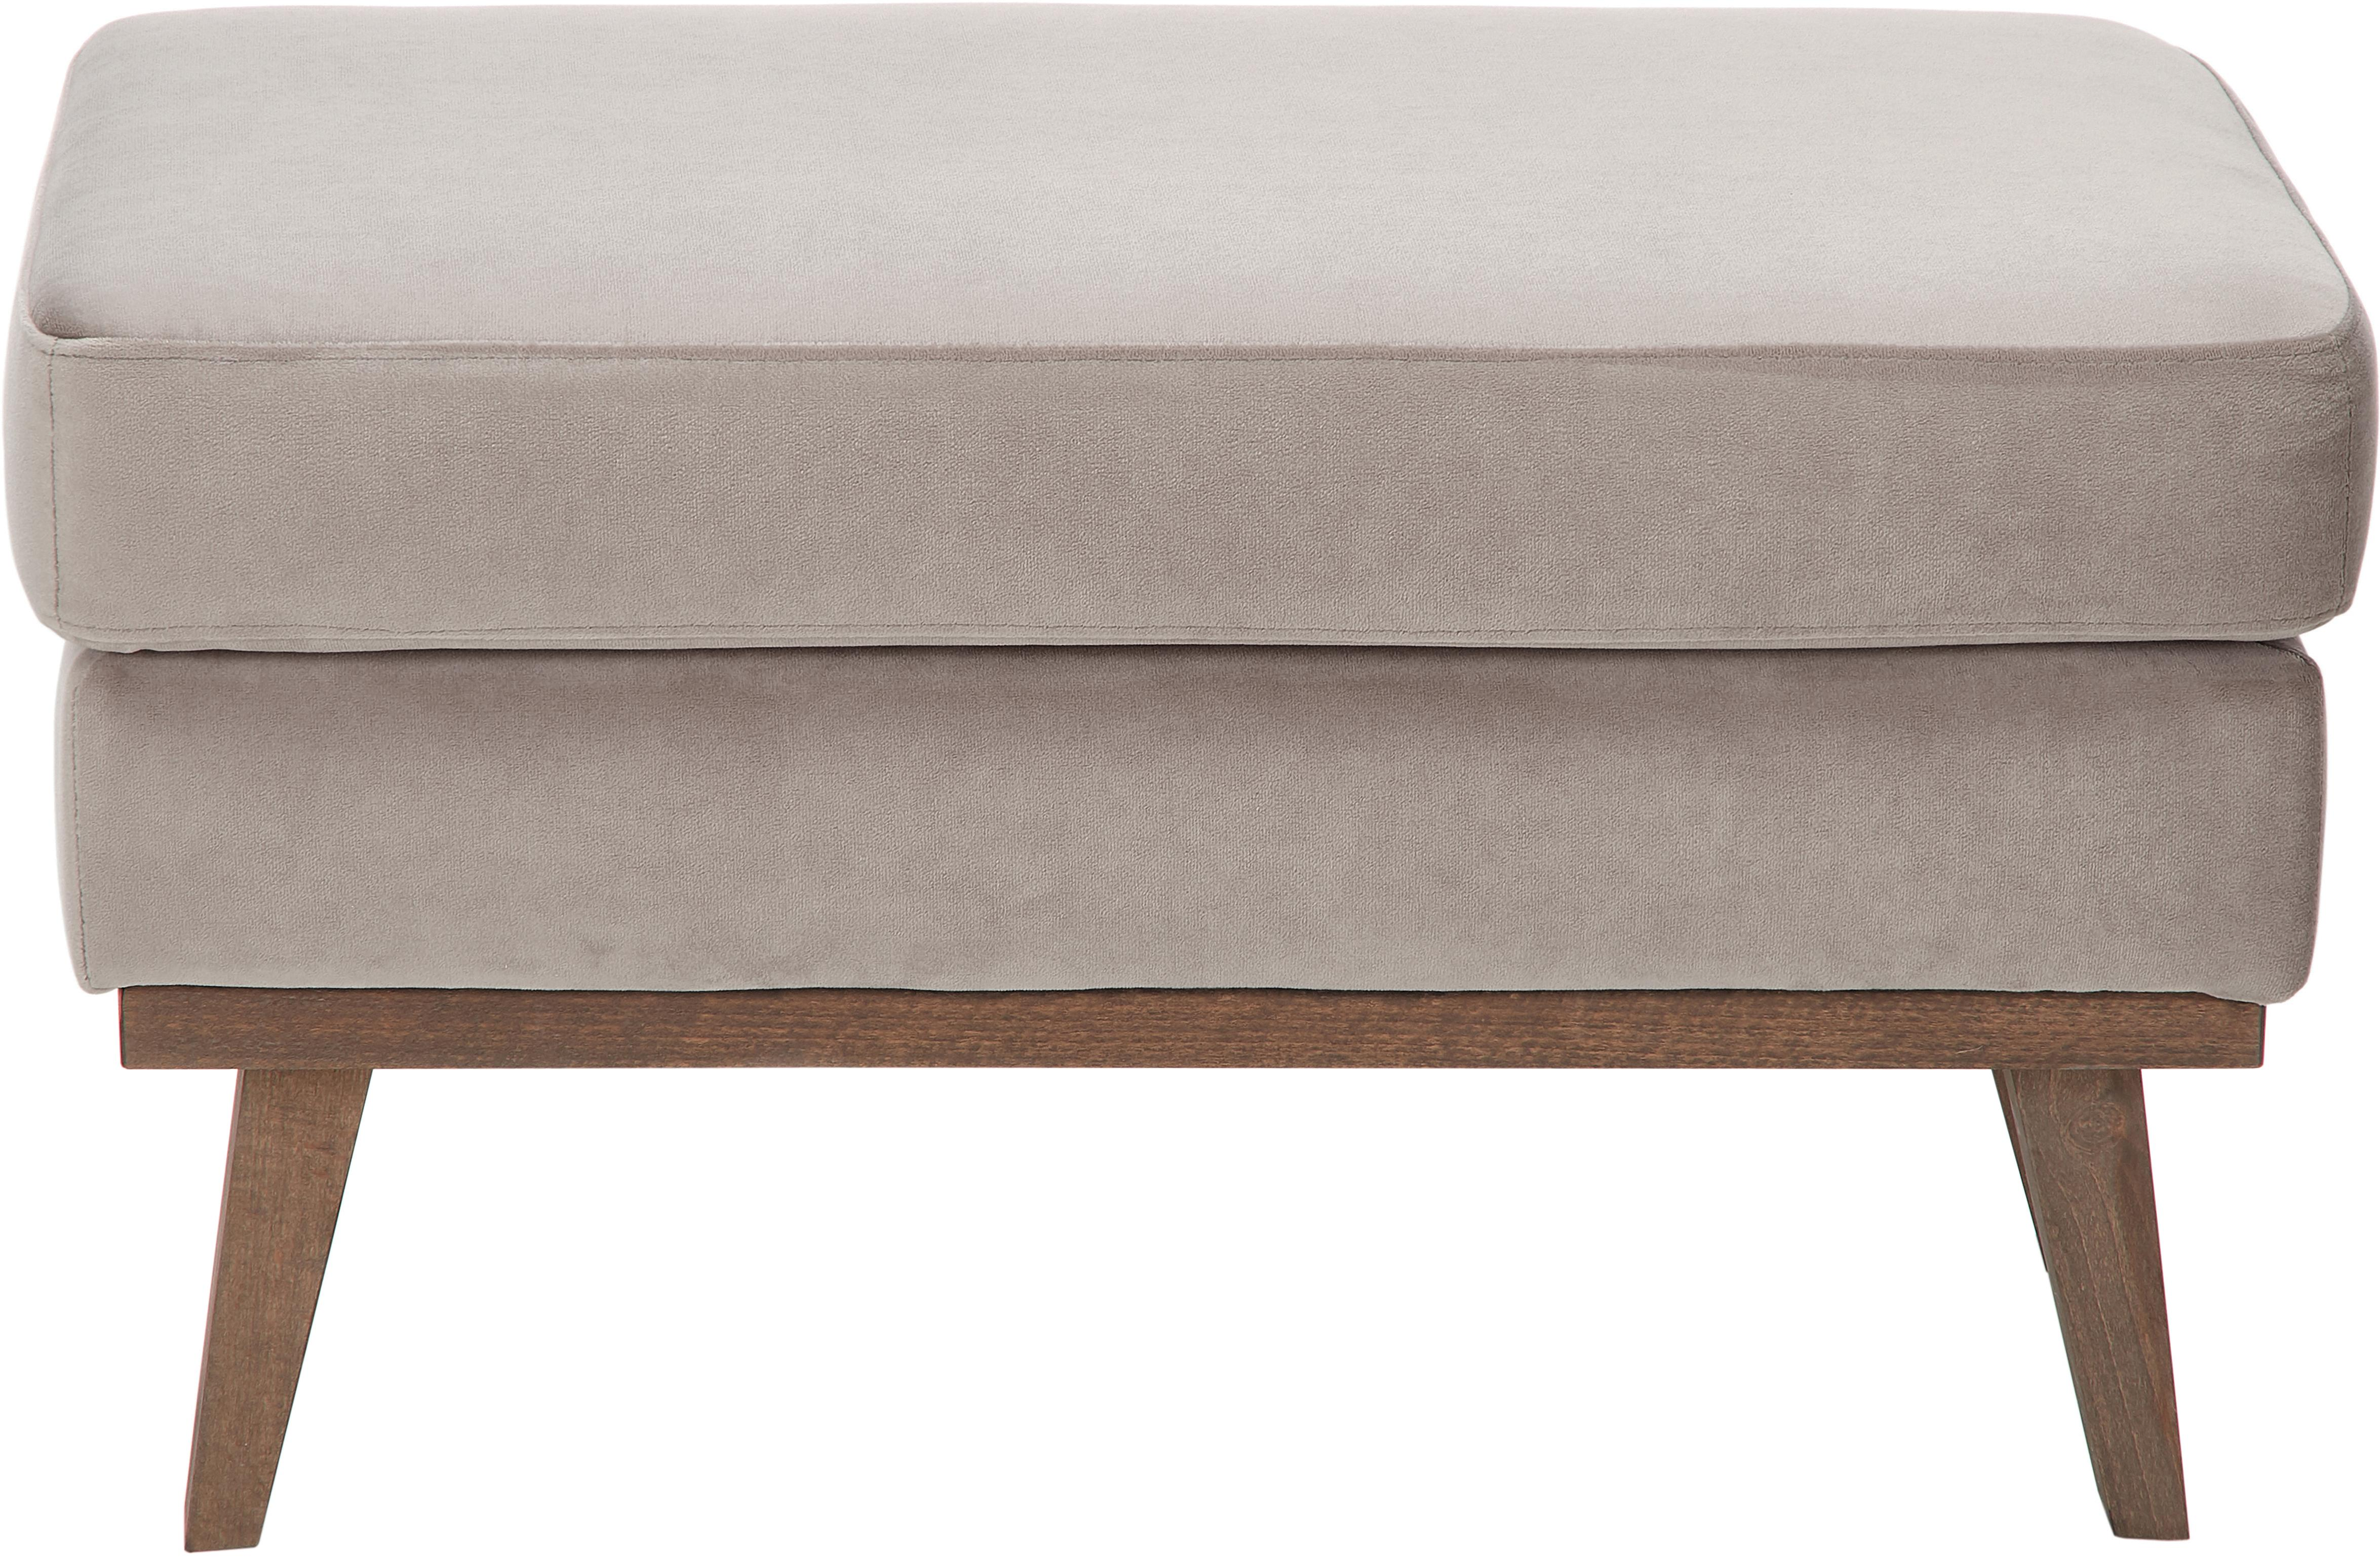 Puf z aksamitu Alva, Tapicerka: aksamit (wysokiej jakości, Stelaż: drewno sosnowe, Nogi: lite drewno bukowe, barwi, Tapicerka: taupe Nogi: drewno bukowe, ciemny bejcowane, S 74 x W 30 cm